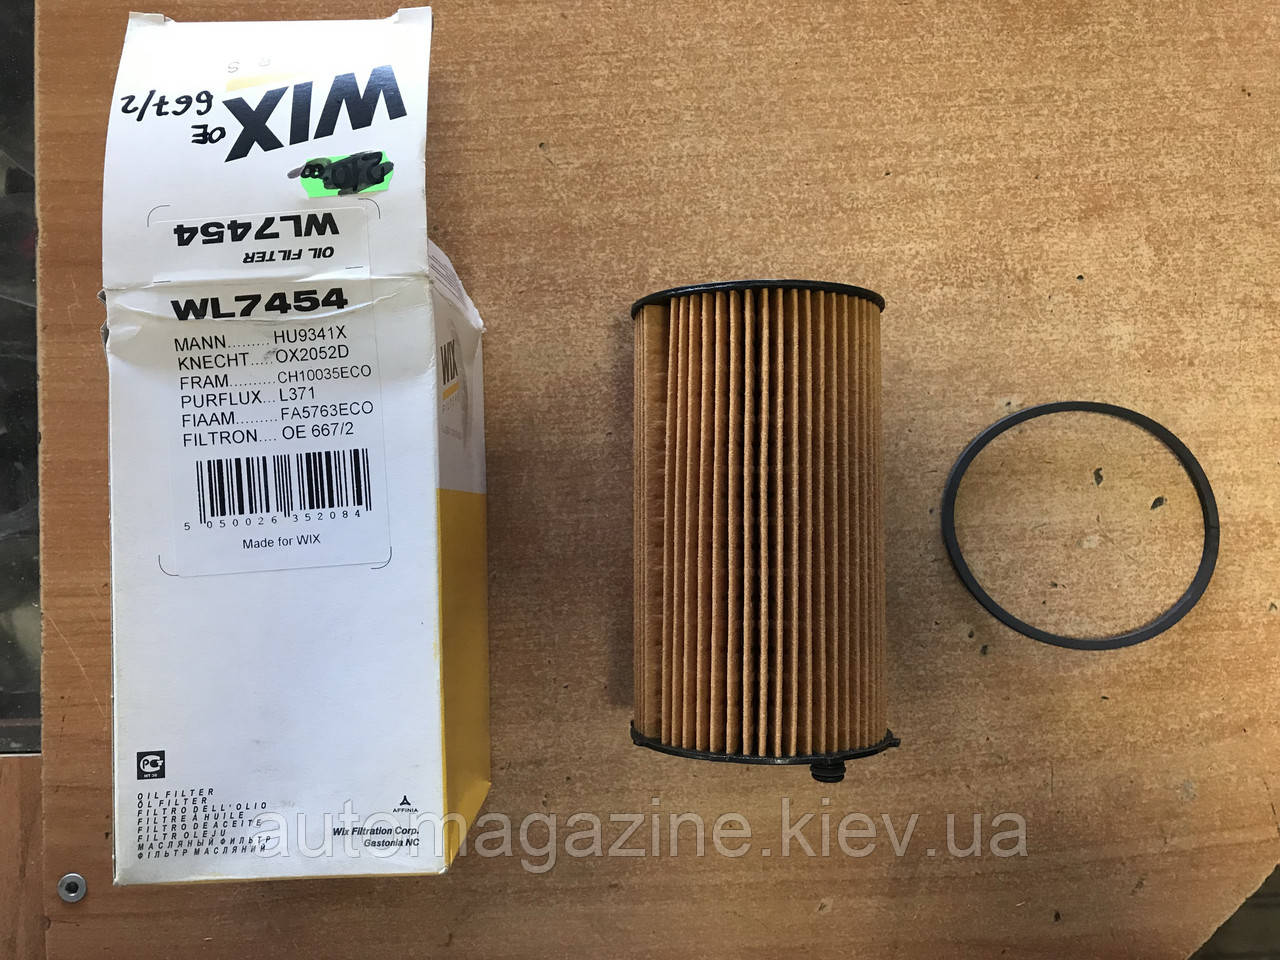 Фильтр масляный WL 7454 (OE667/2)